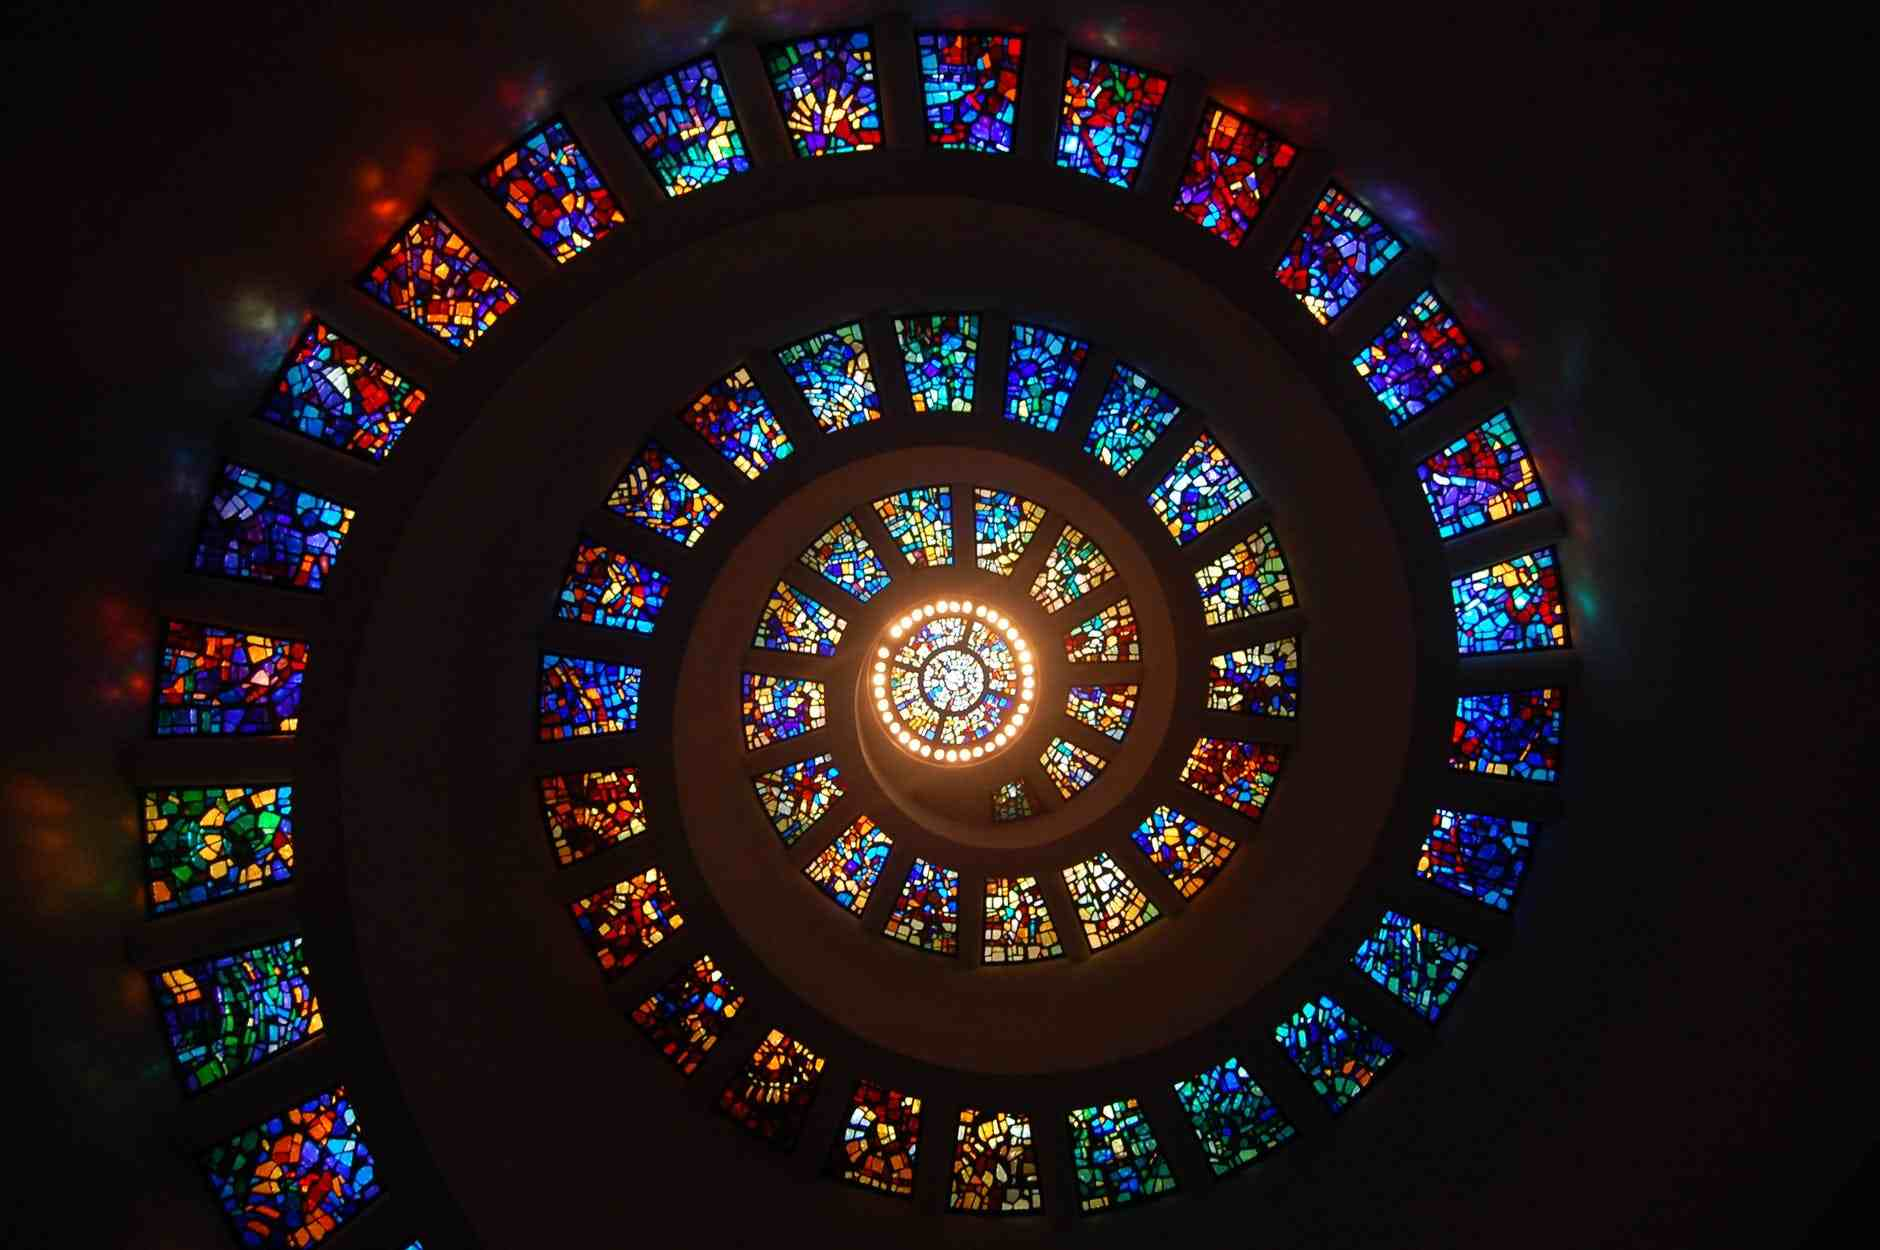 Memórias de vidas passadas: reencarnação e Espiritismo